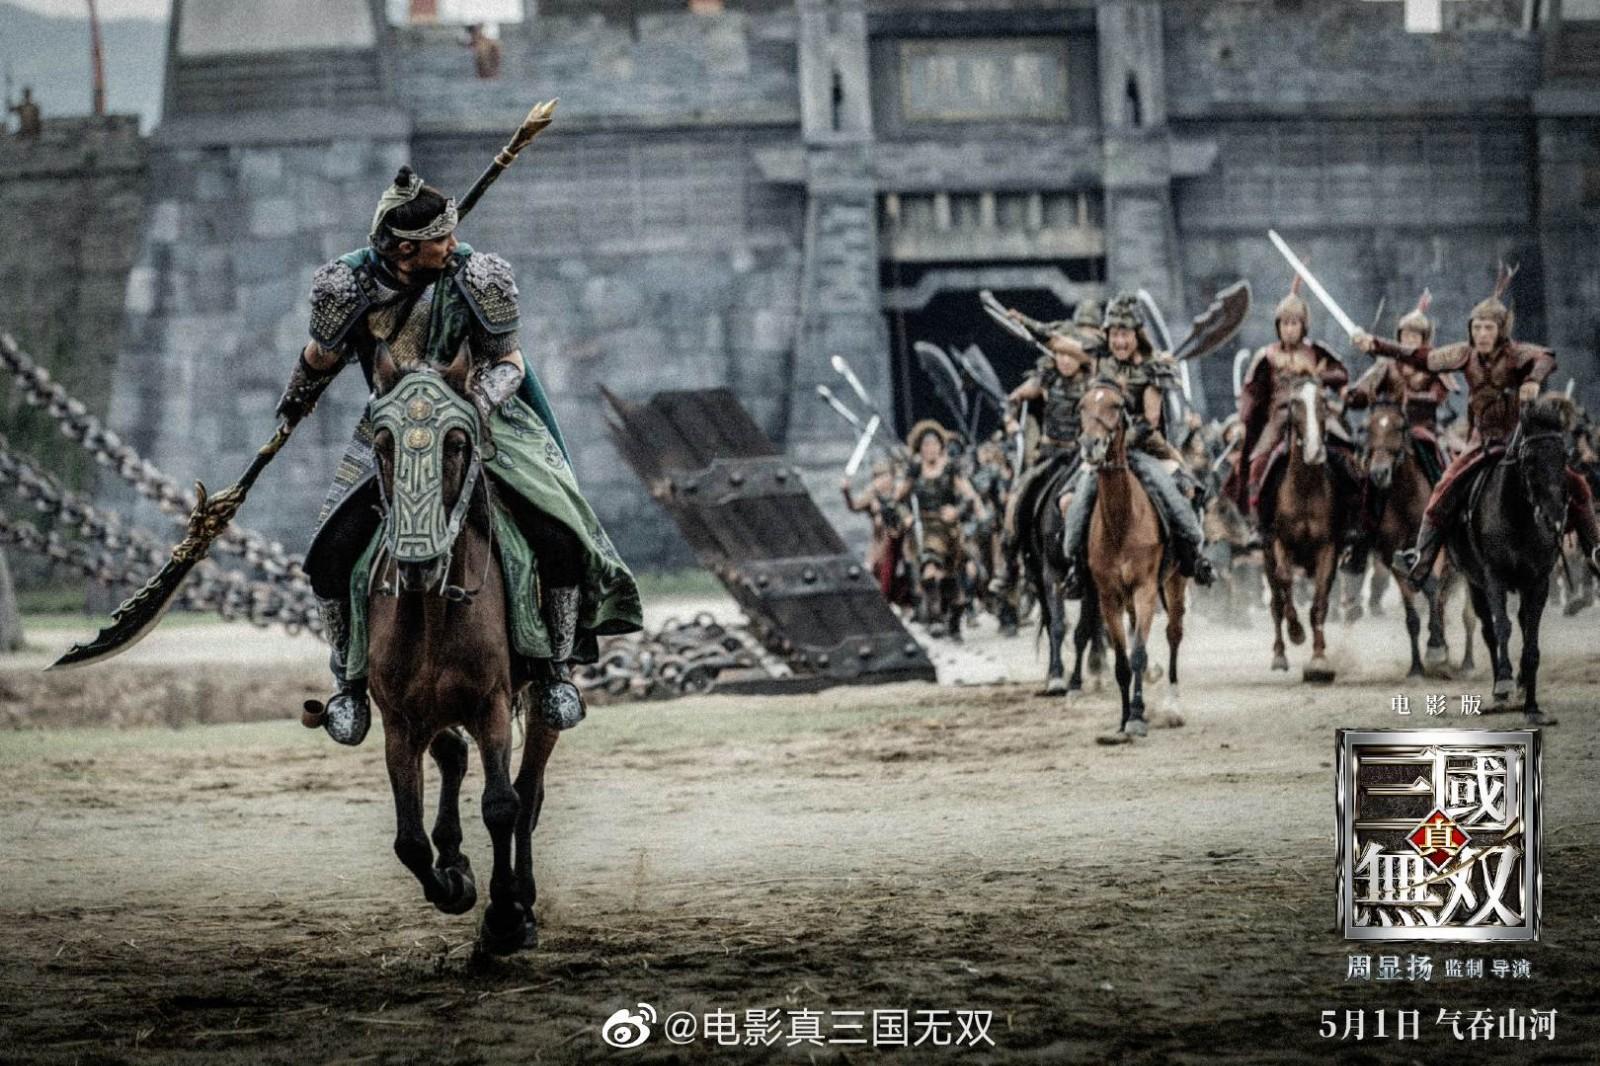 电影《真三国无双》公布新剧照&群雄特辑 5月1日上映